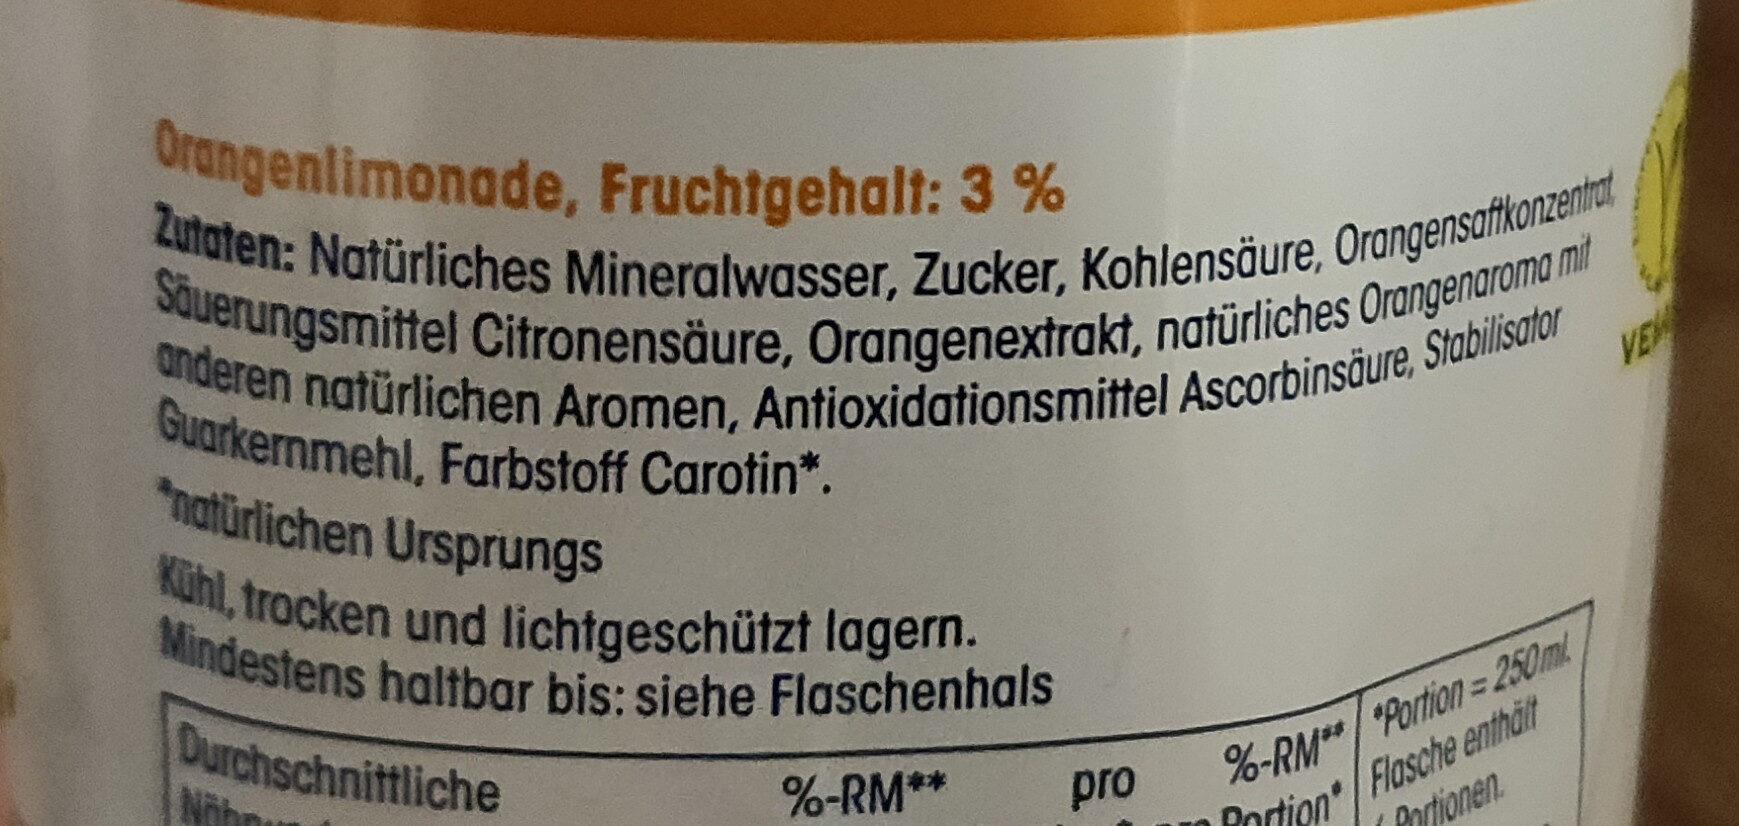 Orangen-Limonade - Ingredients - de